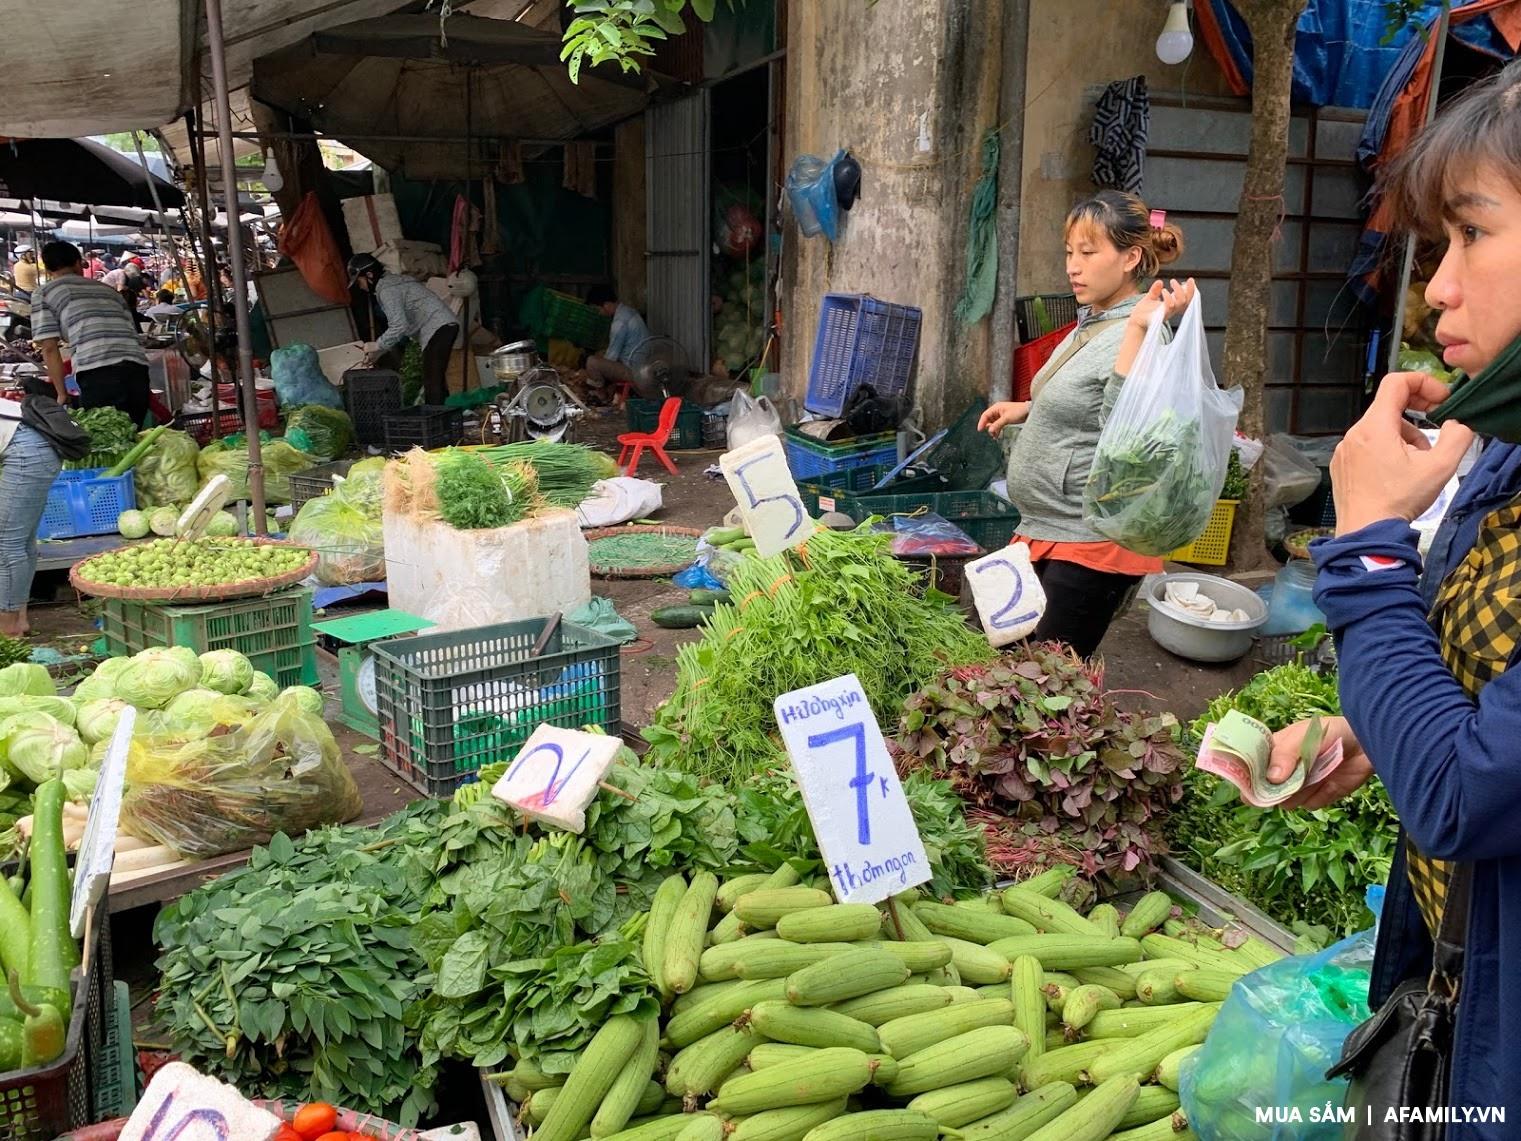 Đi chợ mấy ngày này cực đã, bà nội trợ cầm 10.000 đồng đủ rau xanh ăn cả ngày cho gia đình - Ảnh 2.